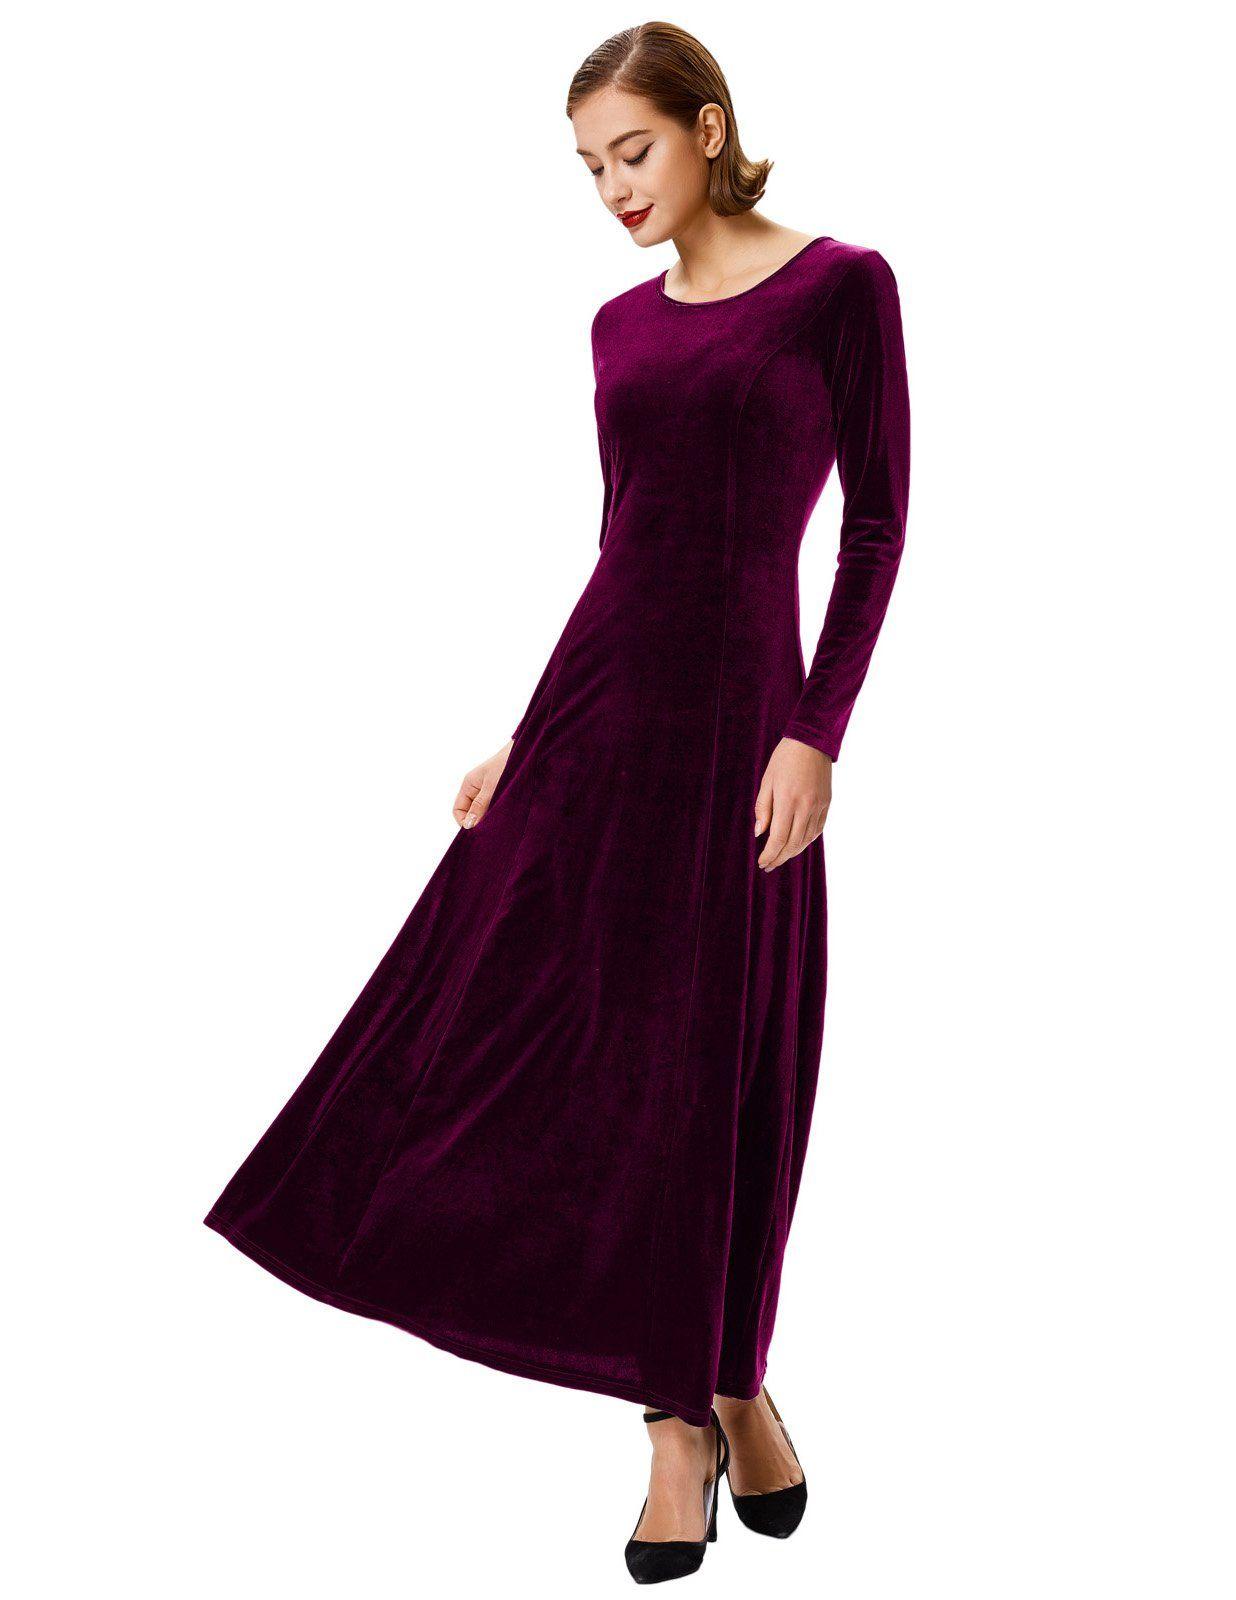 Grace karin womens crew neck cocktail velvet maxi long dresses size